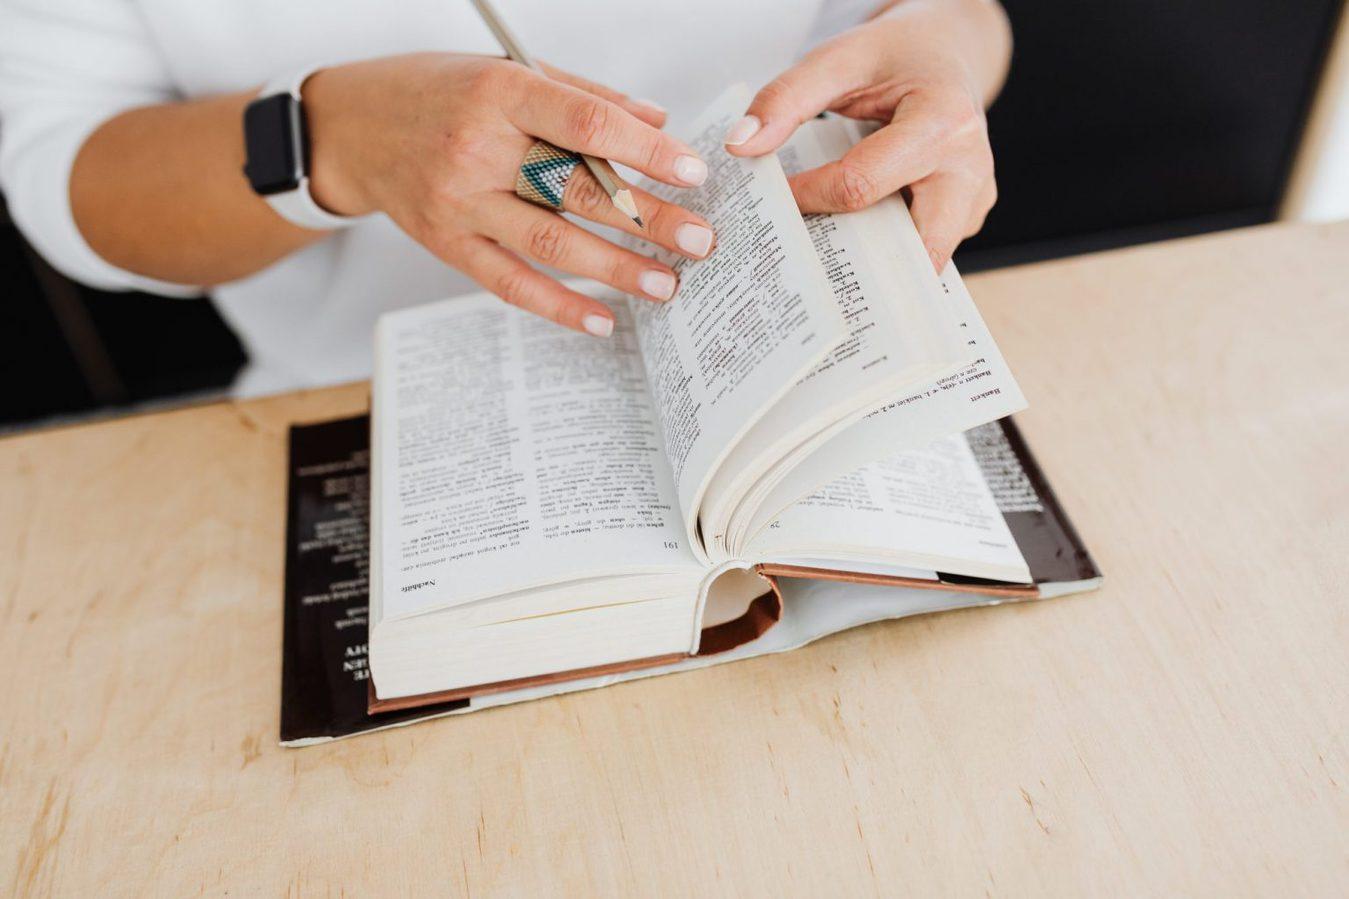 Mani di una donna che sfoglia un dizionario